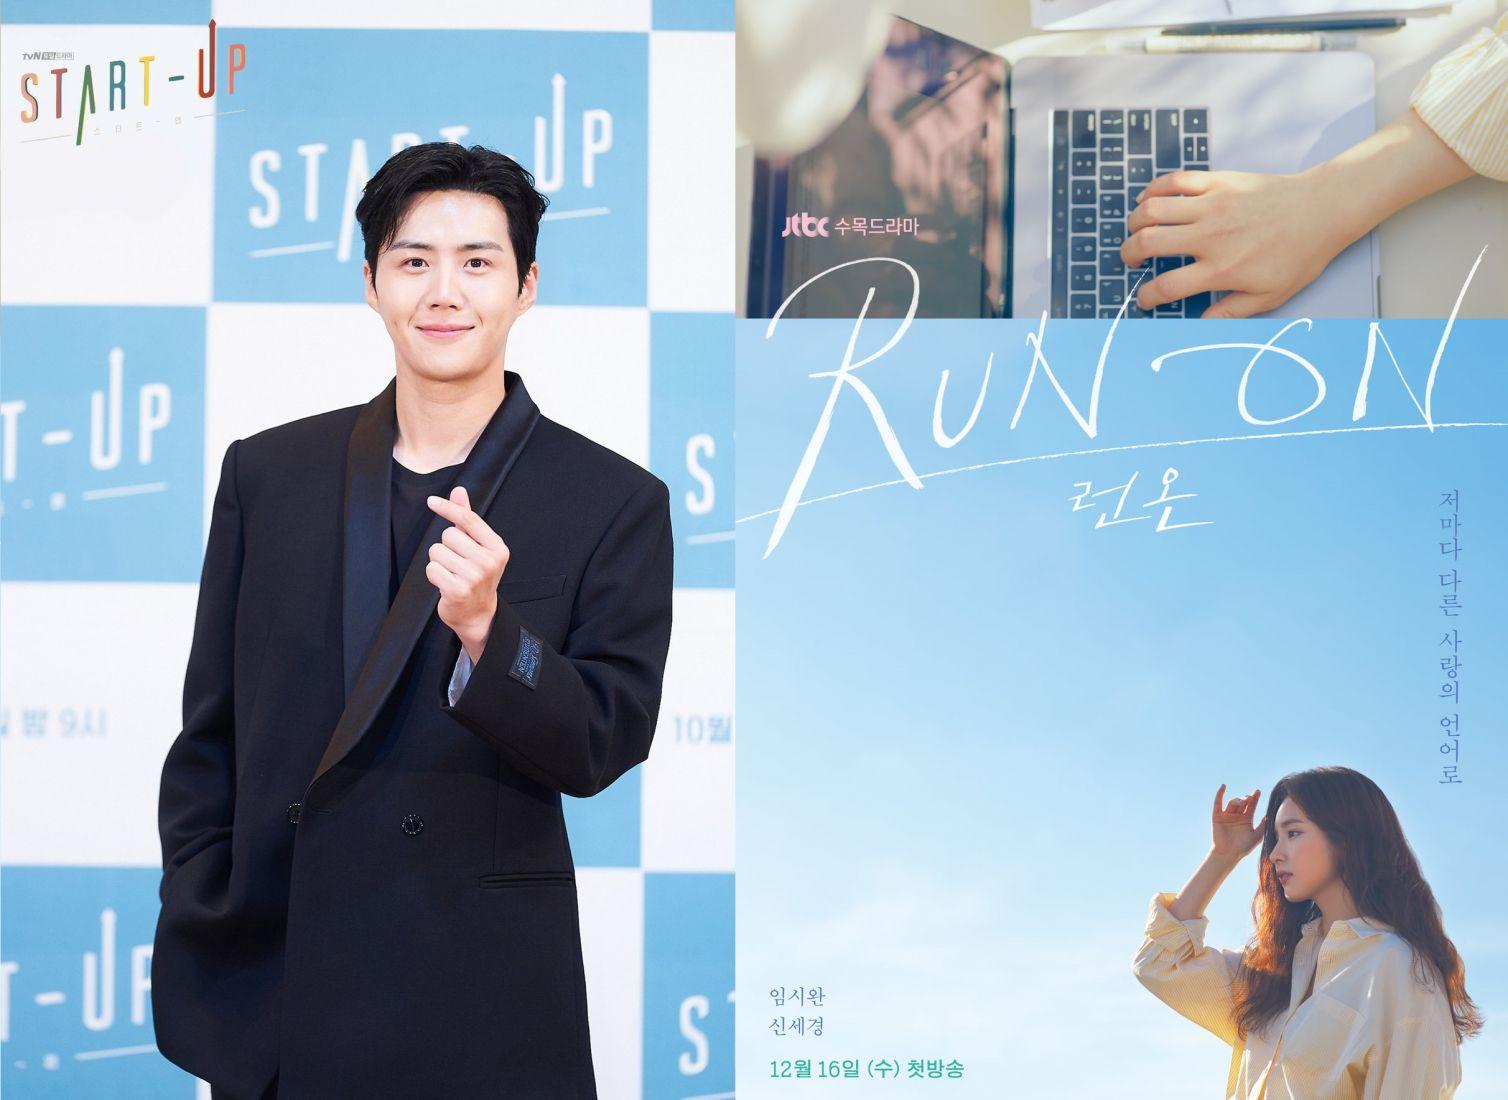 Kim Seon Ho akan muncul dalam drama Korea Run On. Foto Kim Seon Ho dan Poster Run On.